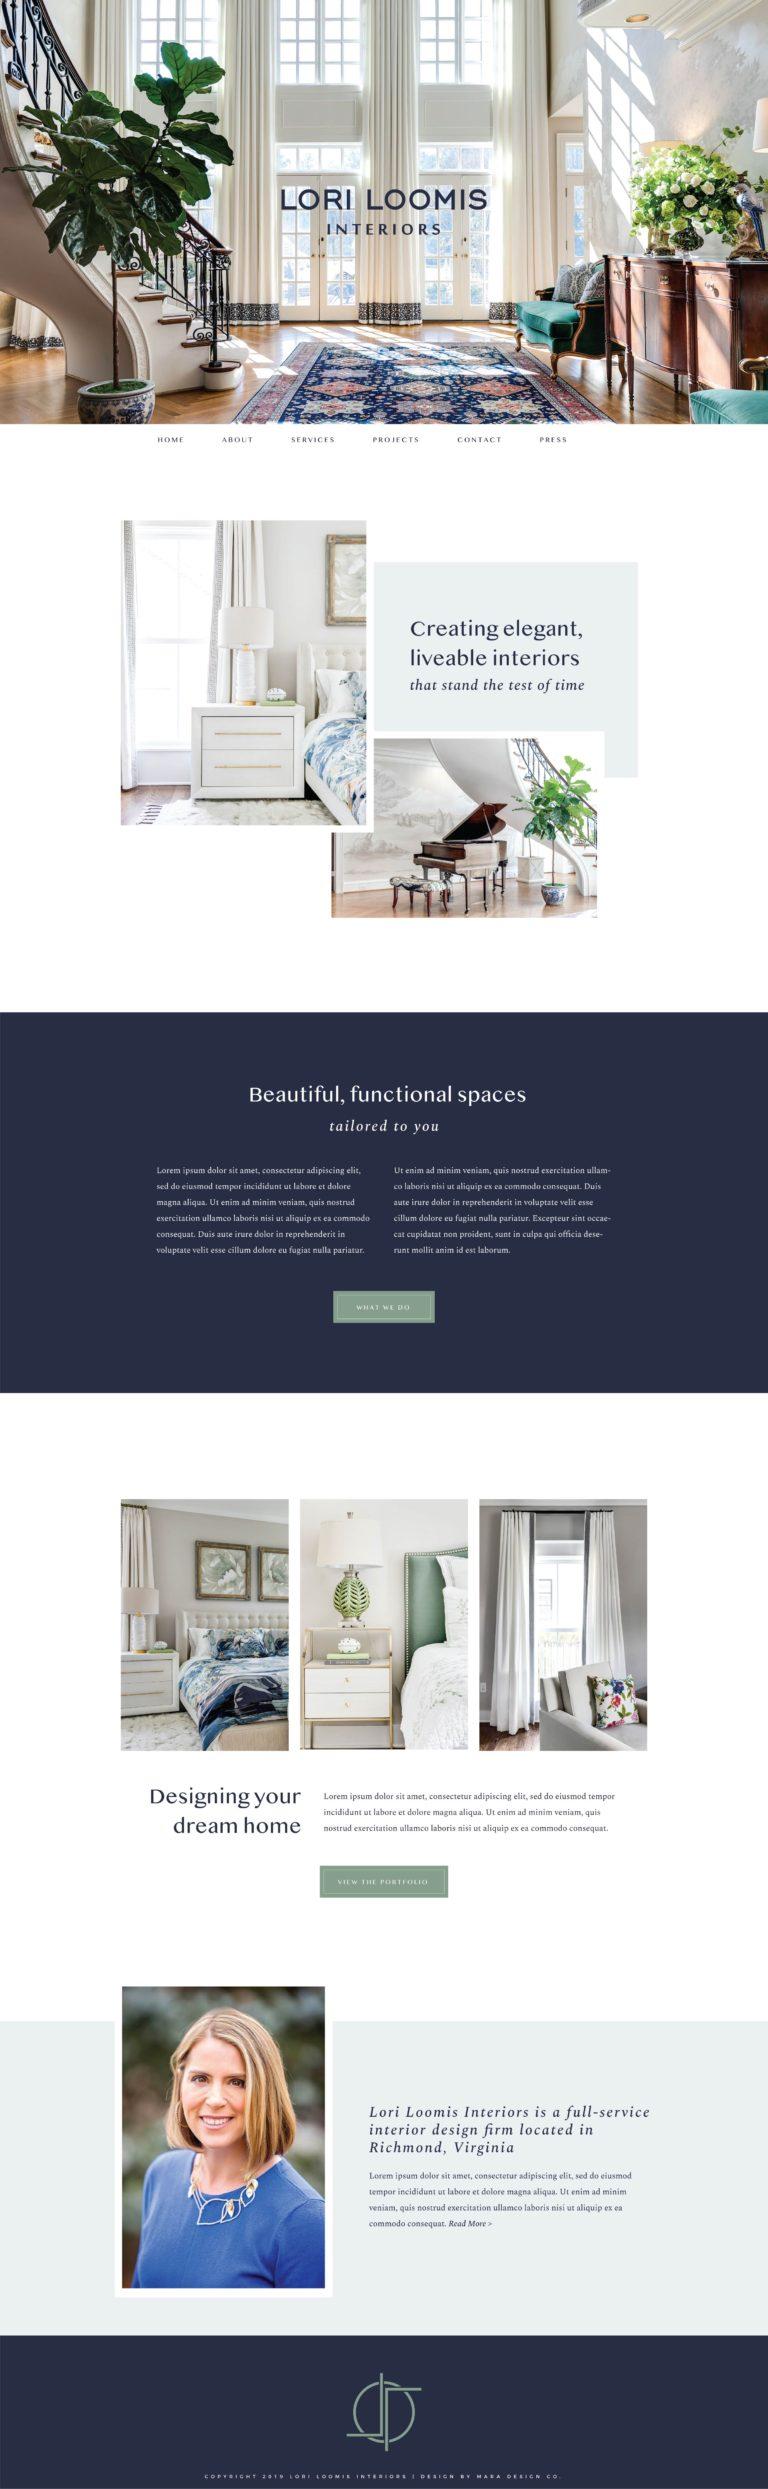 Lori Loomis Interiors Best Interior Design Websites Mara Best Interior Design Websites Interior Design Website Design Your Dream House